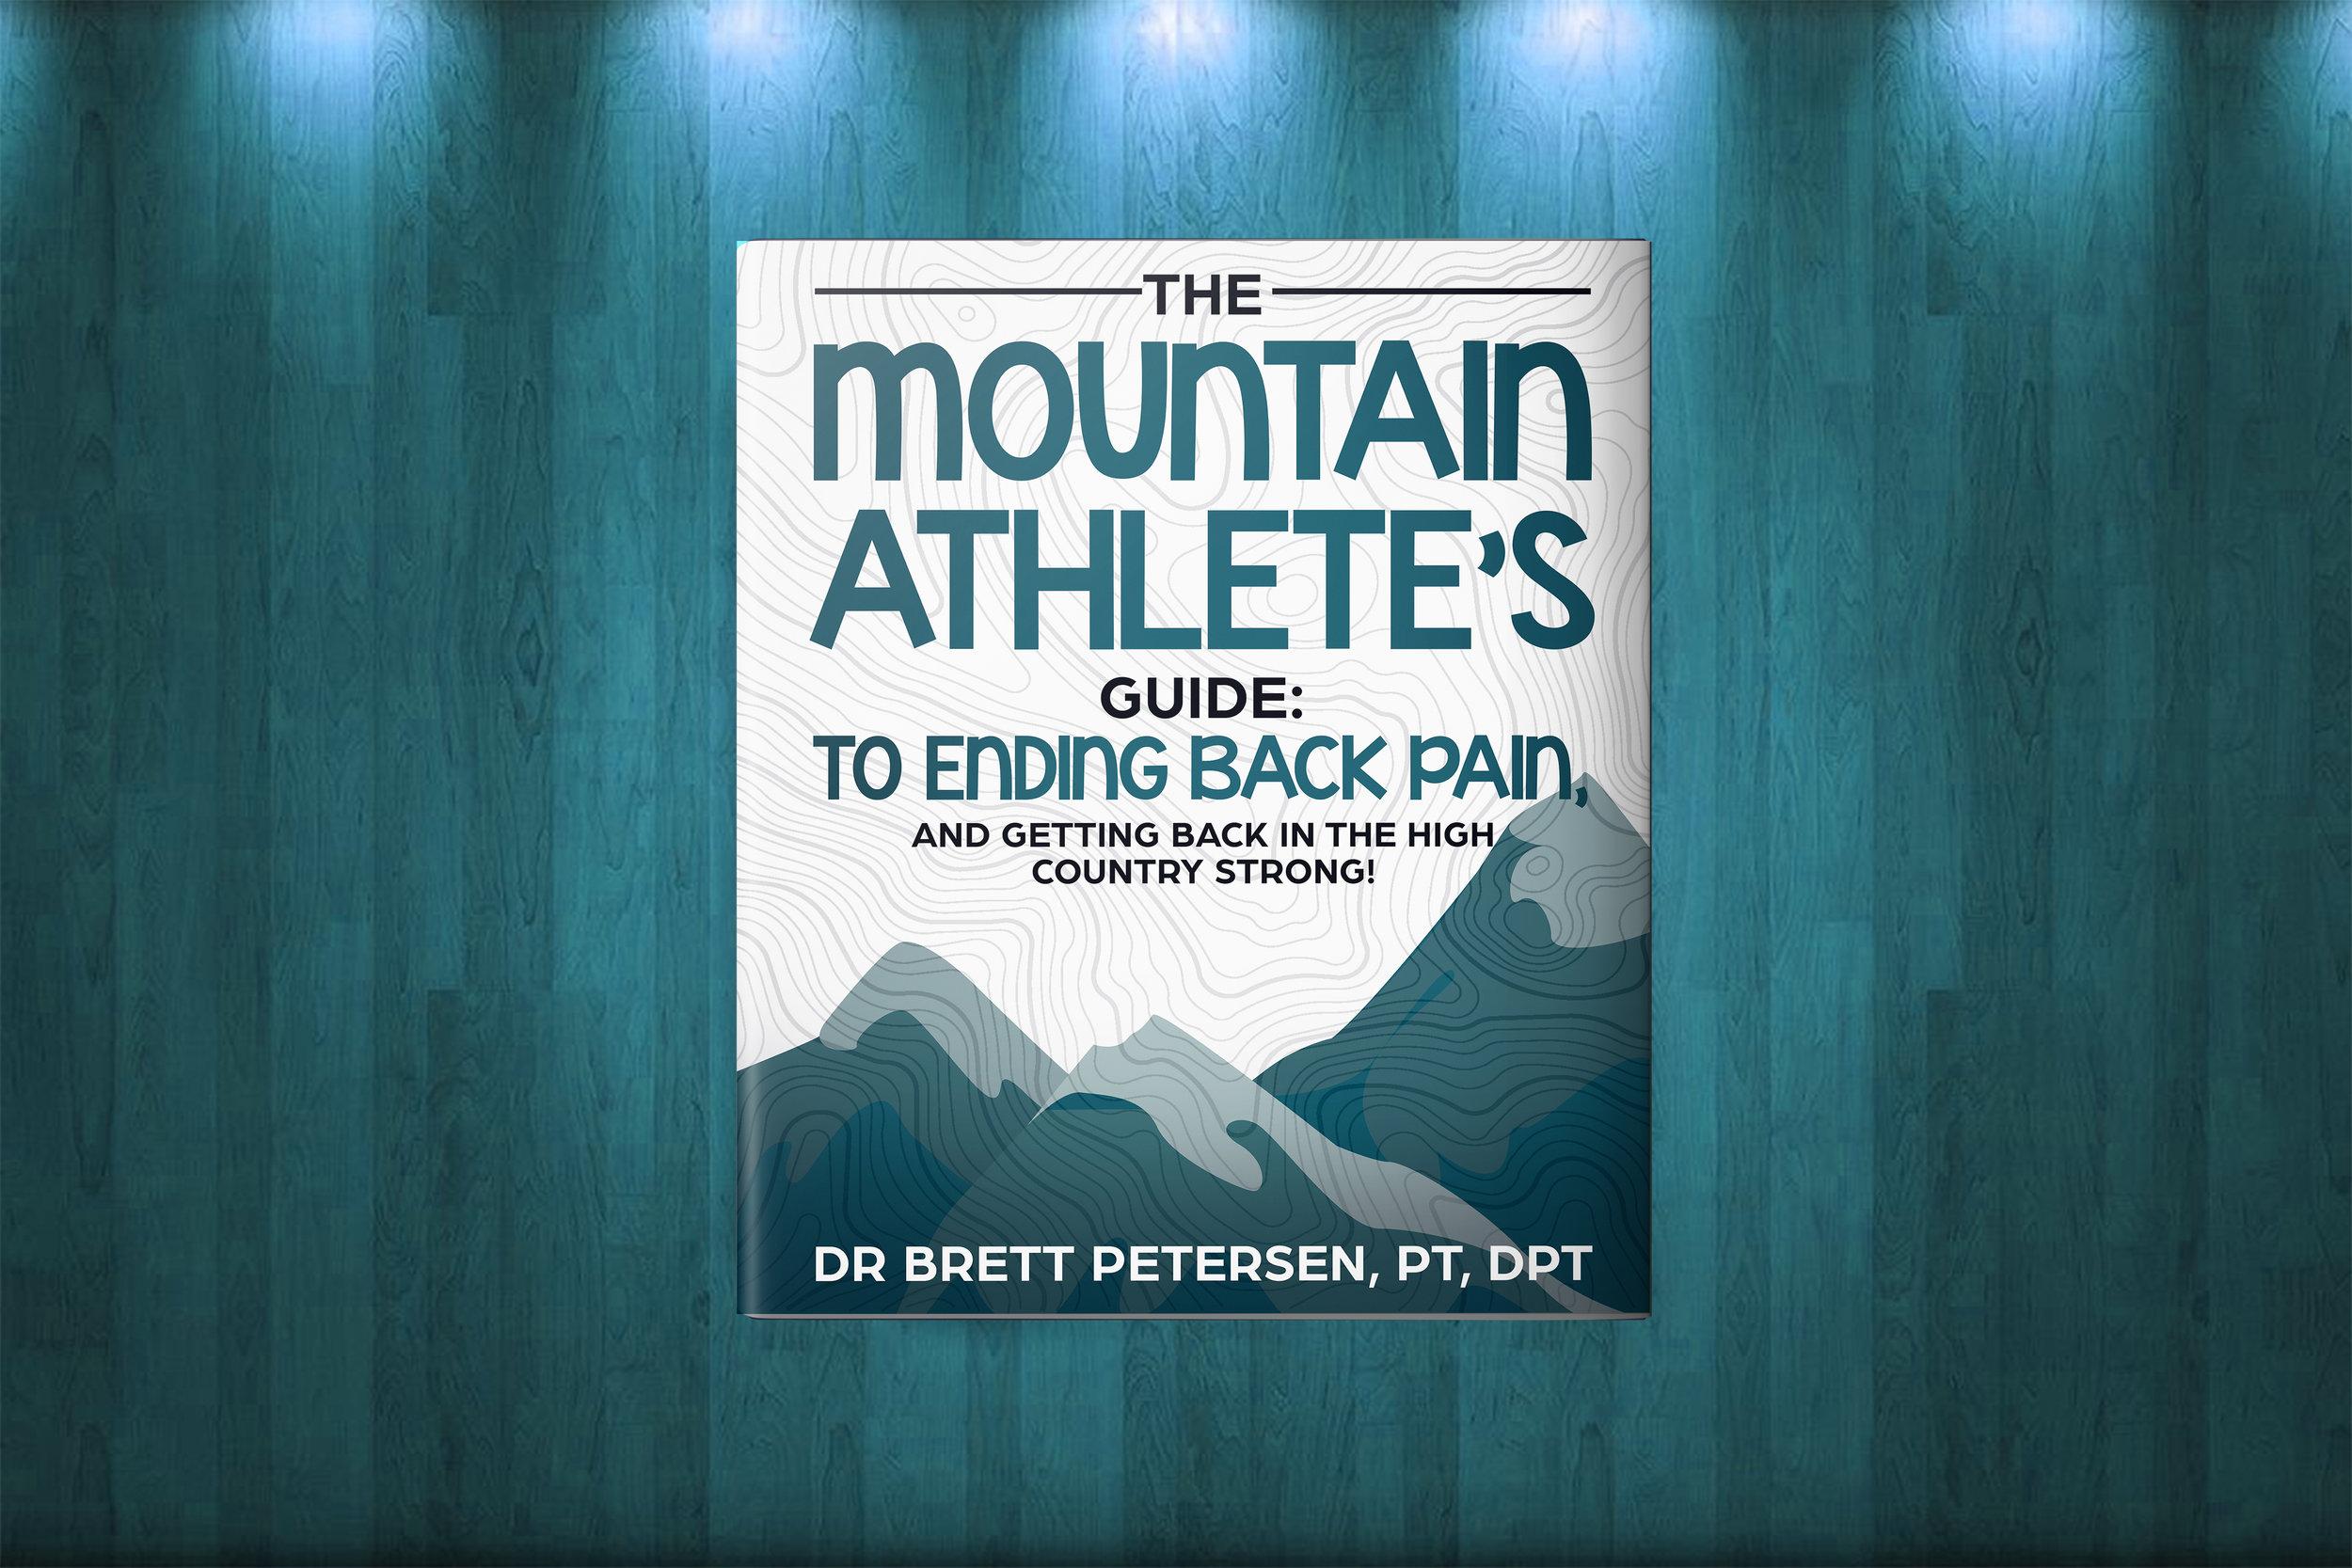 Dr_Brett_Petersen_book_1_3D.jpg